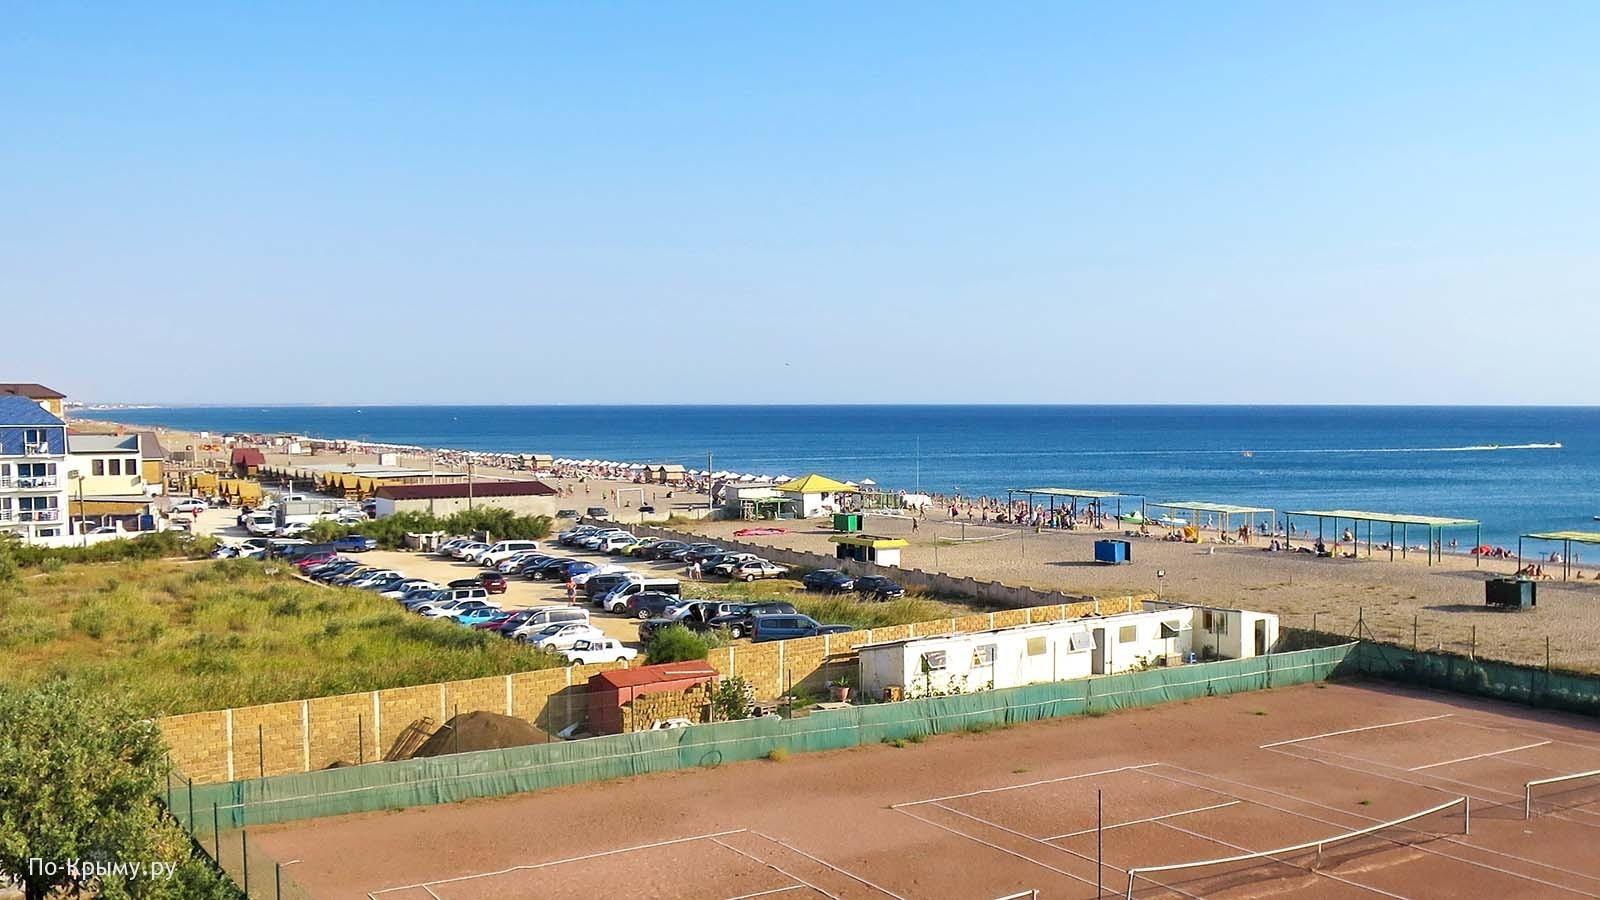 Пляж Виктория, Черное море, Крым